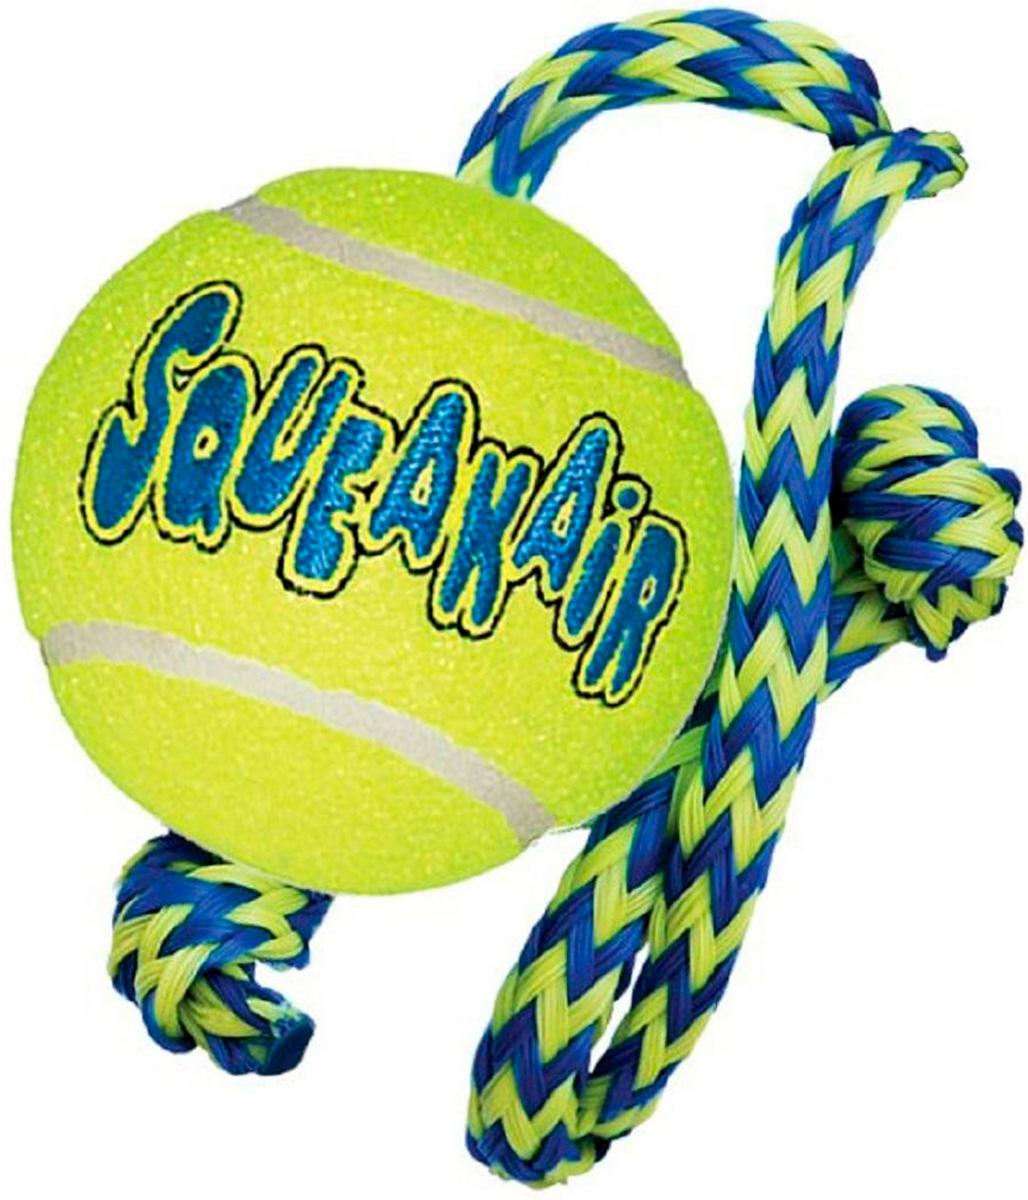 Игрушка для собак Kong Air Теннисный мяч с канатом (средняя)